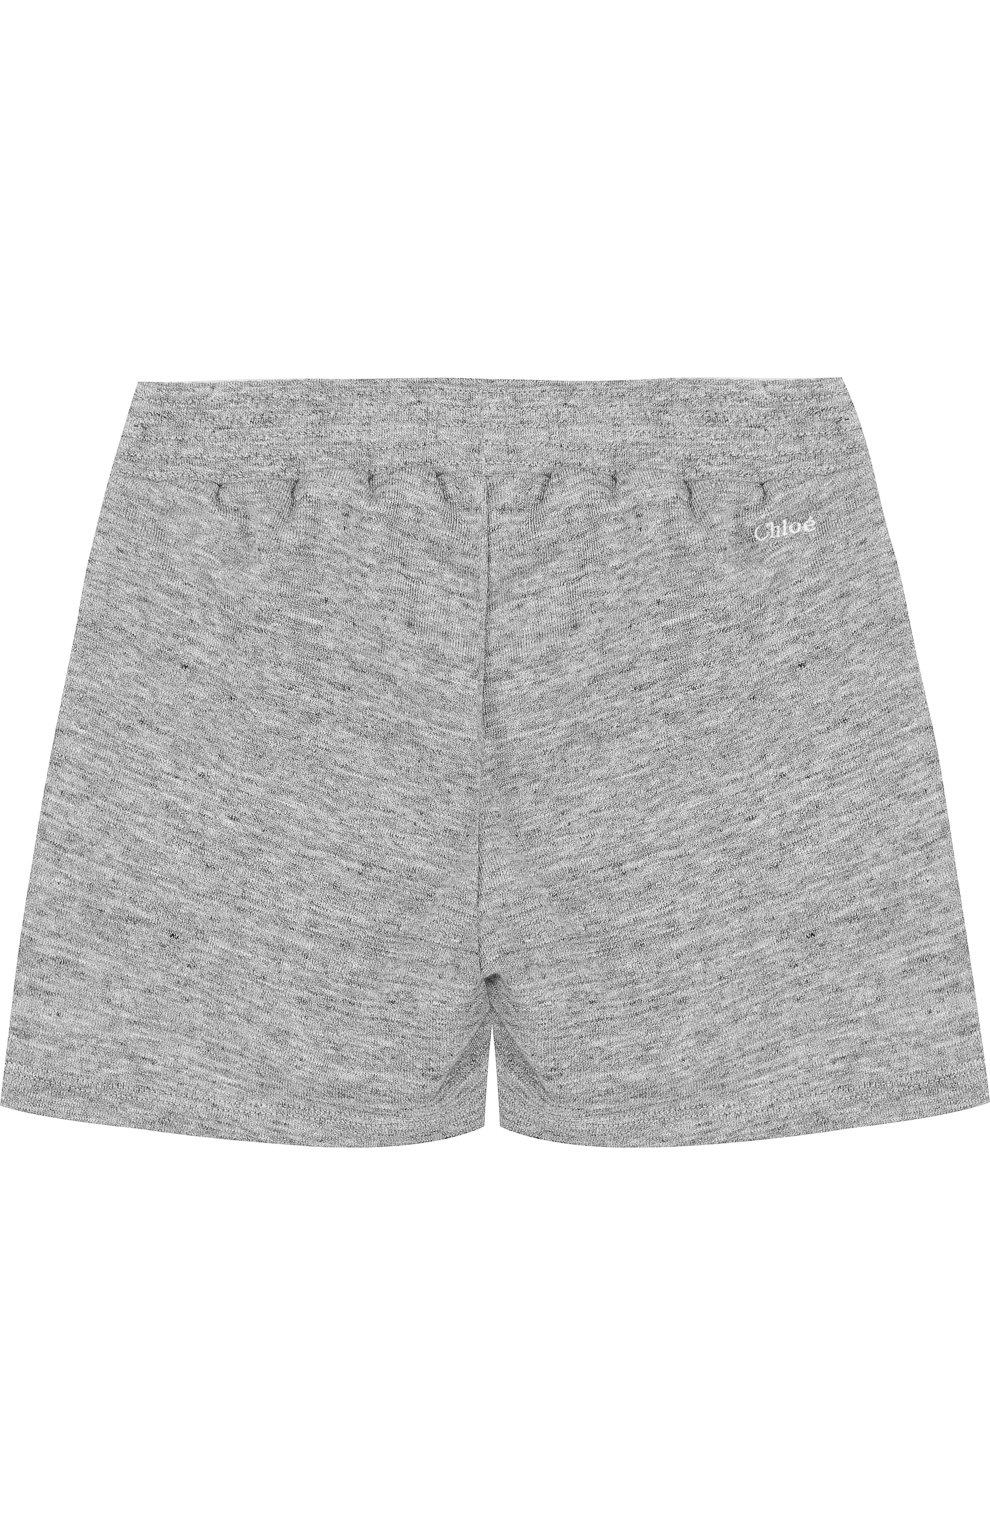 Детские хлопковые шорты CHLOÉ серого цвета, арт. C14545/14A | Фото 2